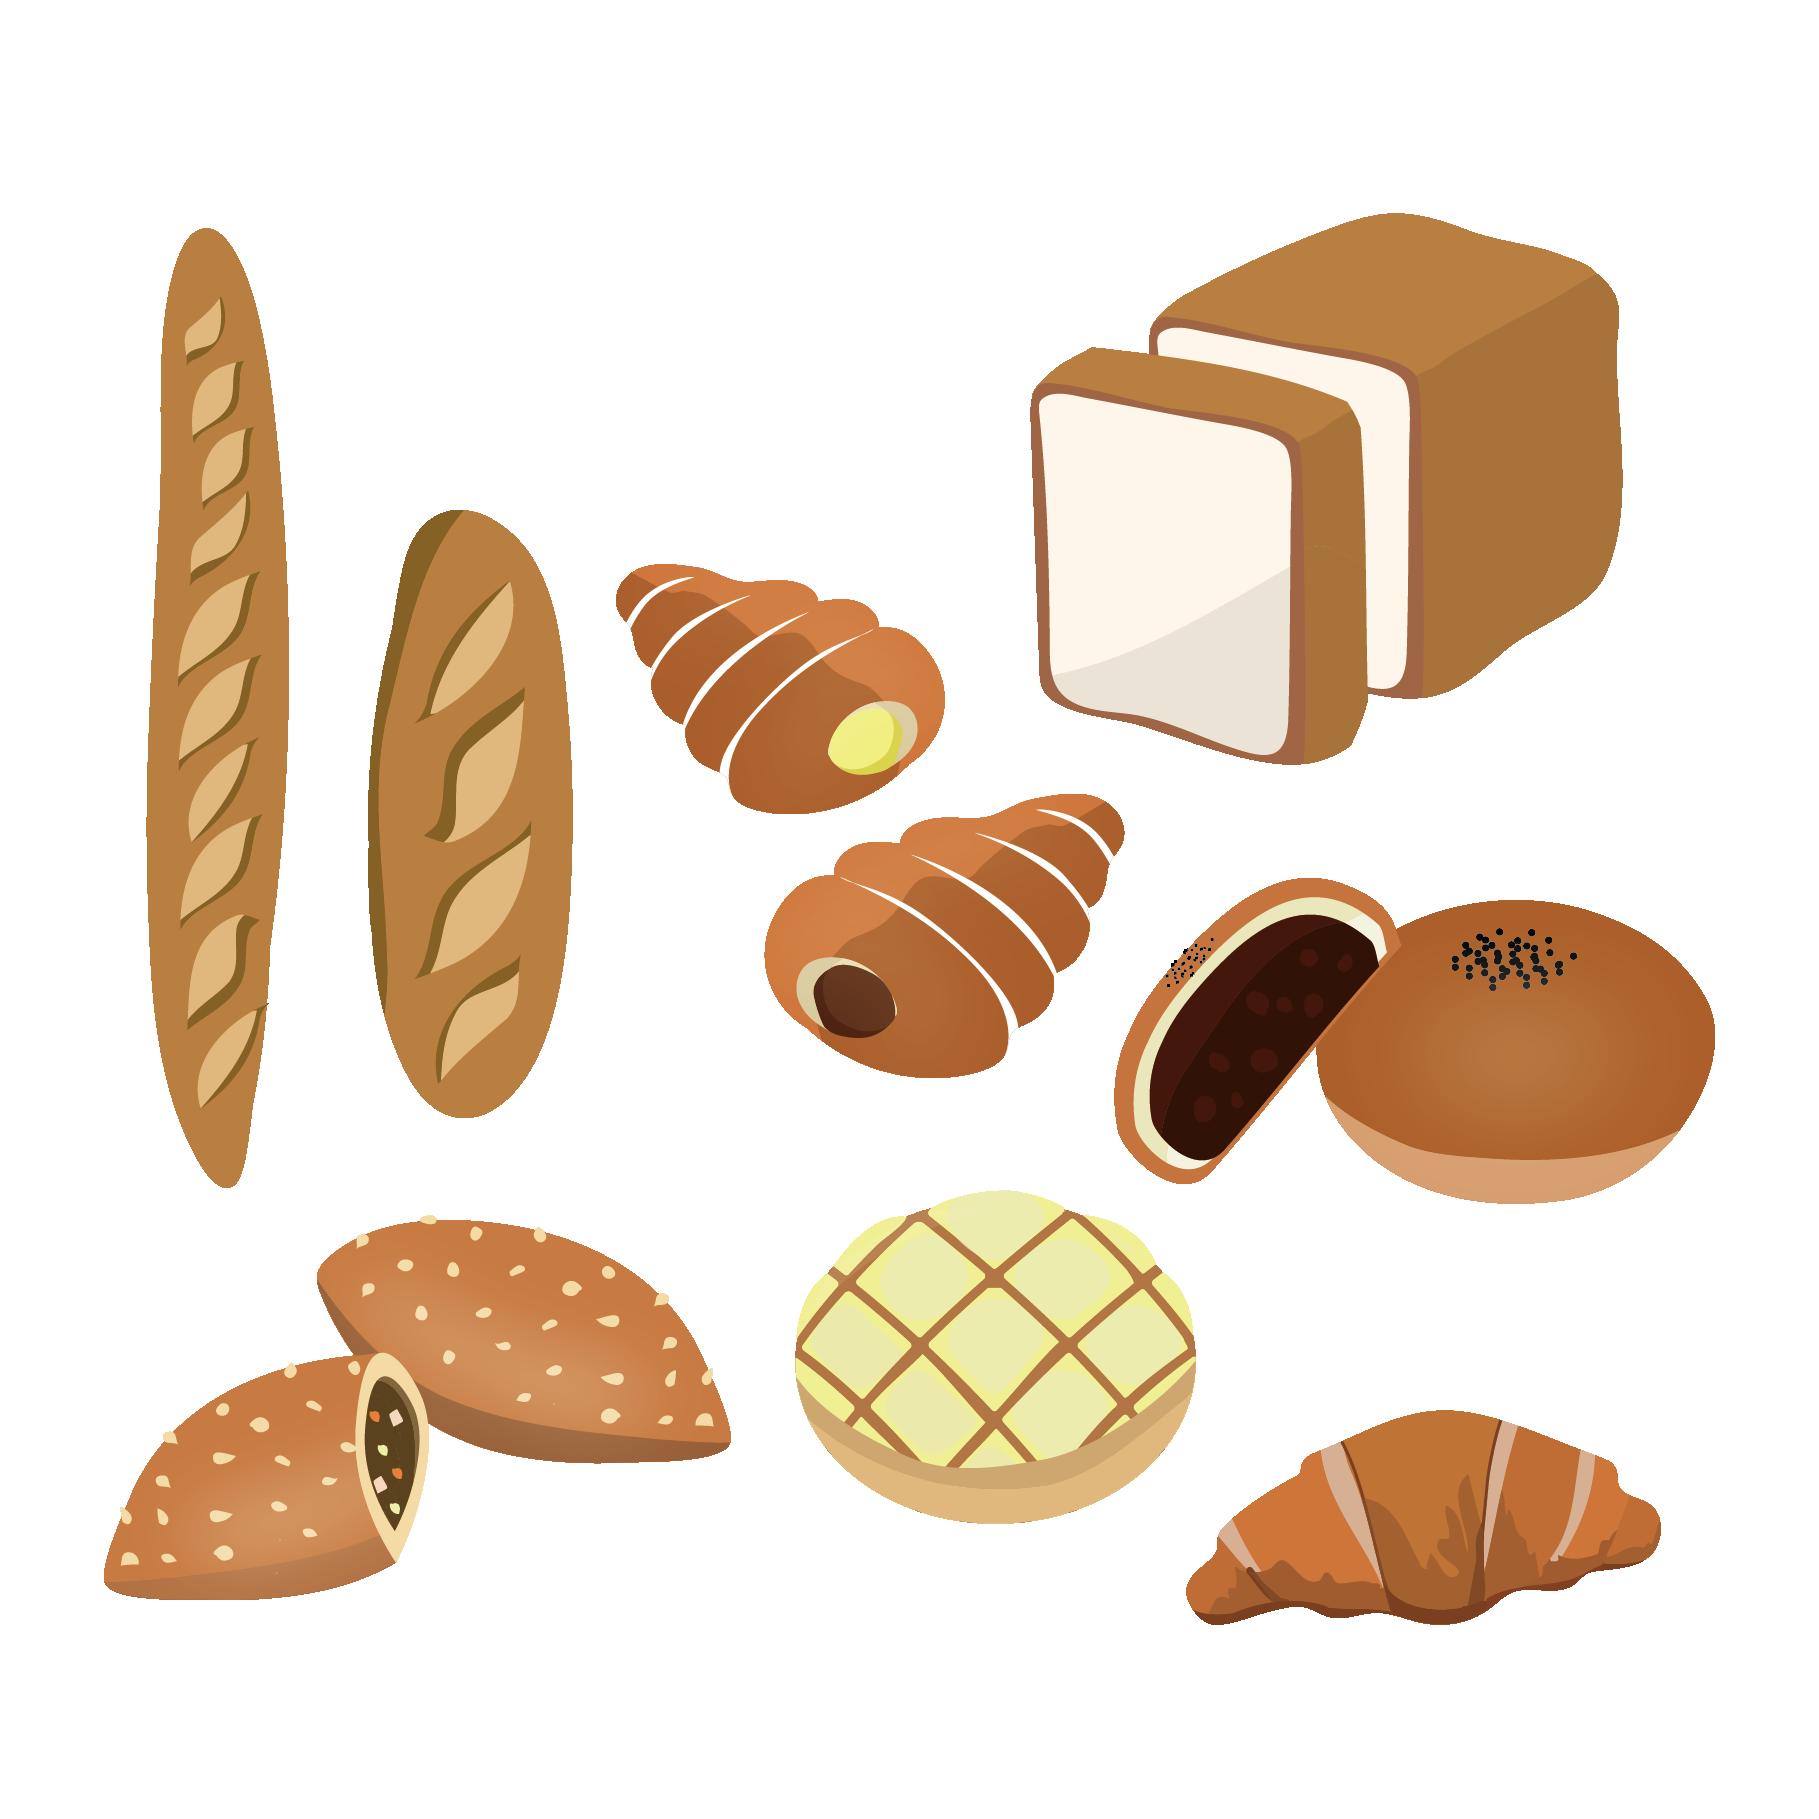 パン イラスト おしゃれ | 7331 イラス